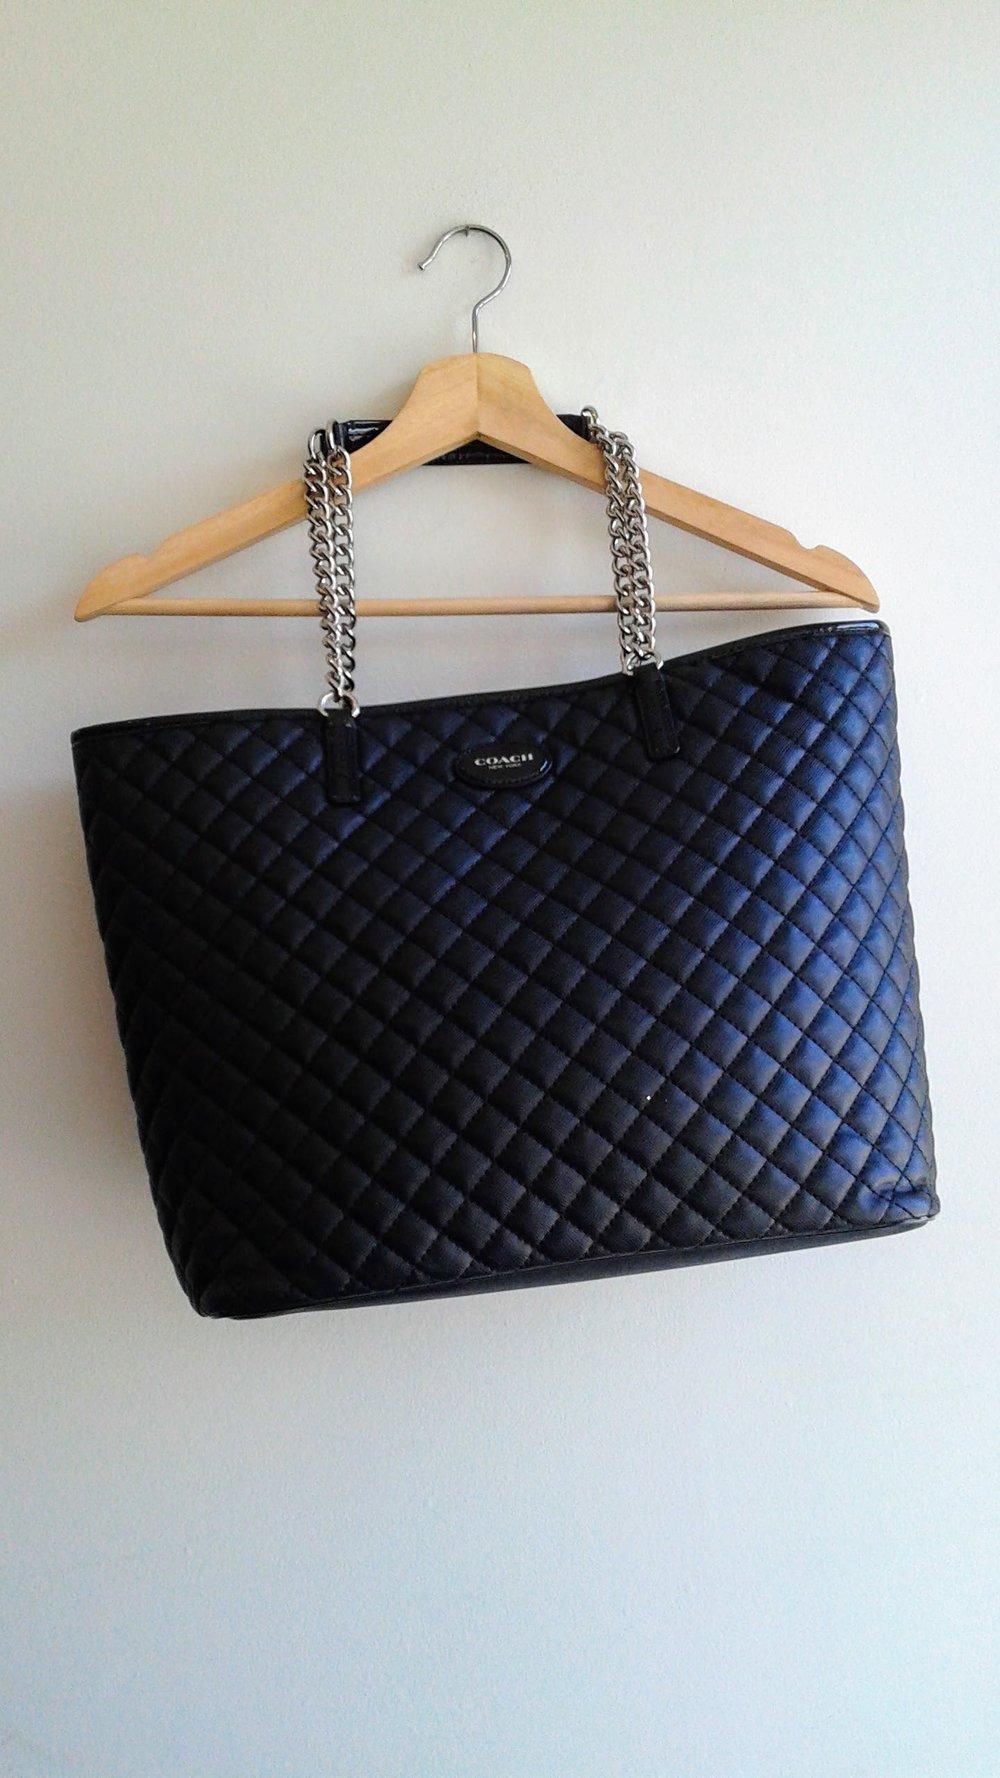 Coach bag, $110